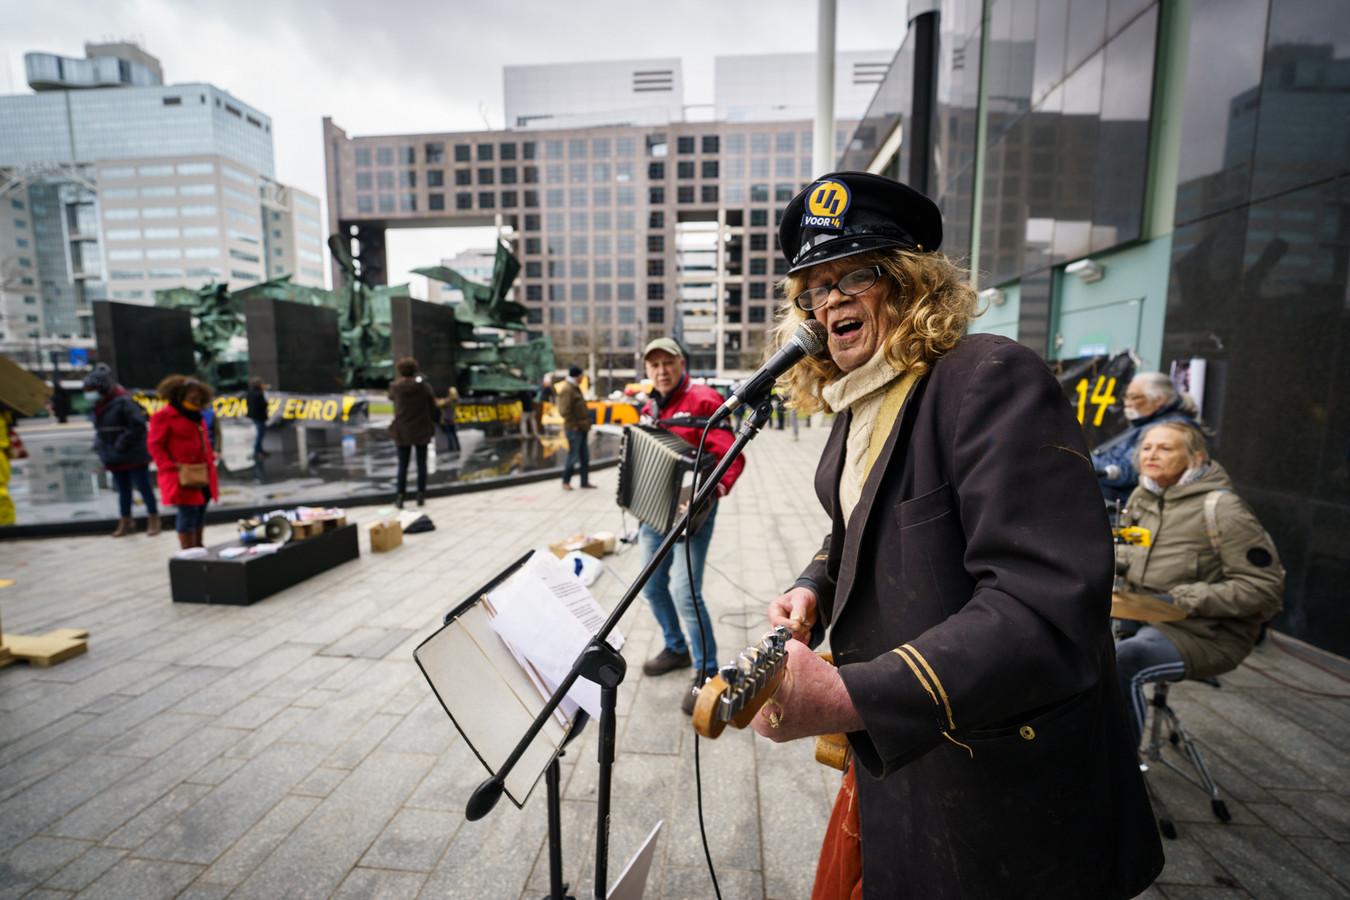 #rotterdamzingt viert het festival met 50 foto's op 75 locaties in de stad.